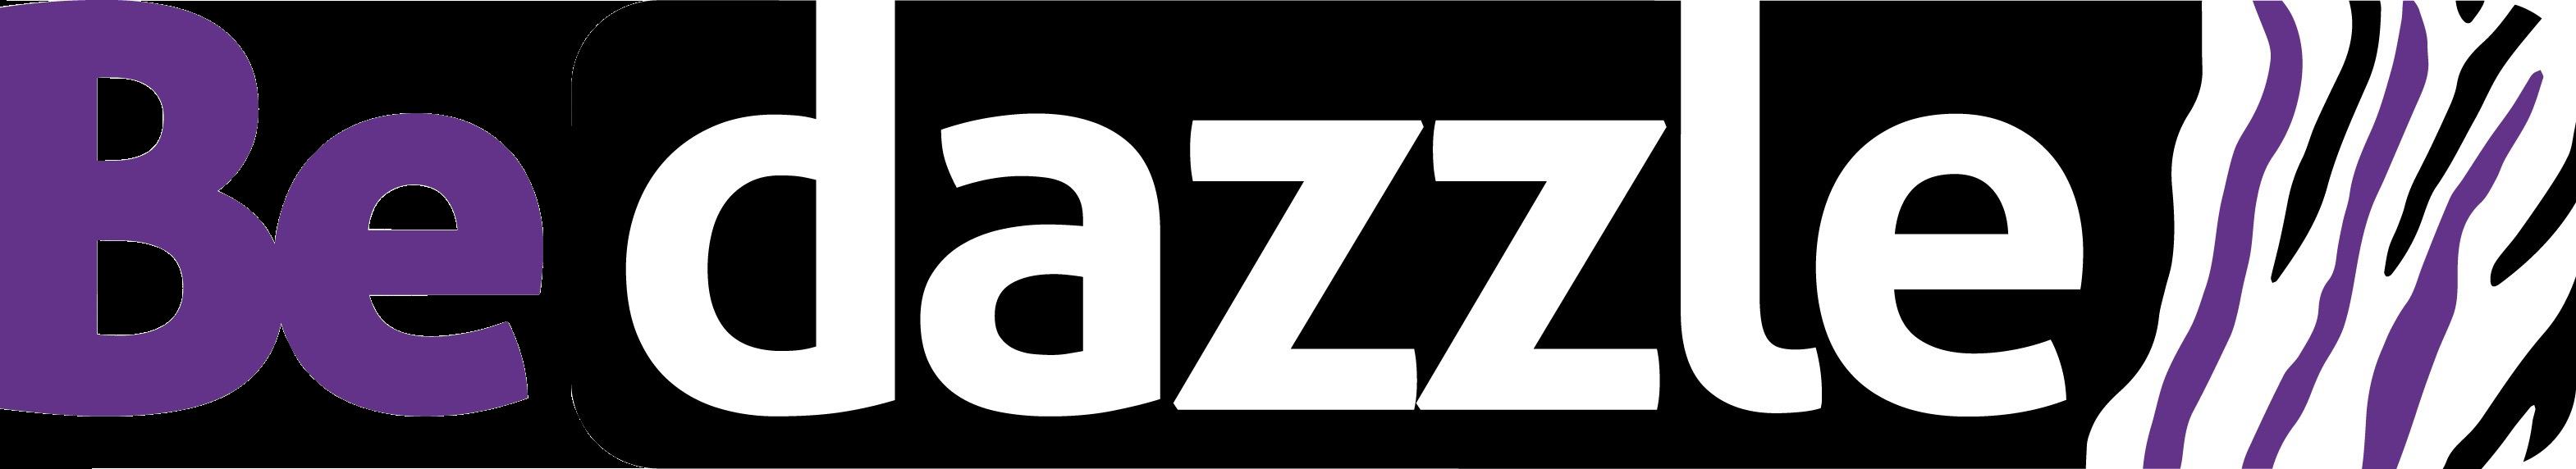 Bedazzle Logo